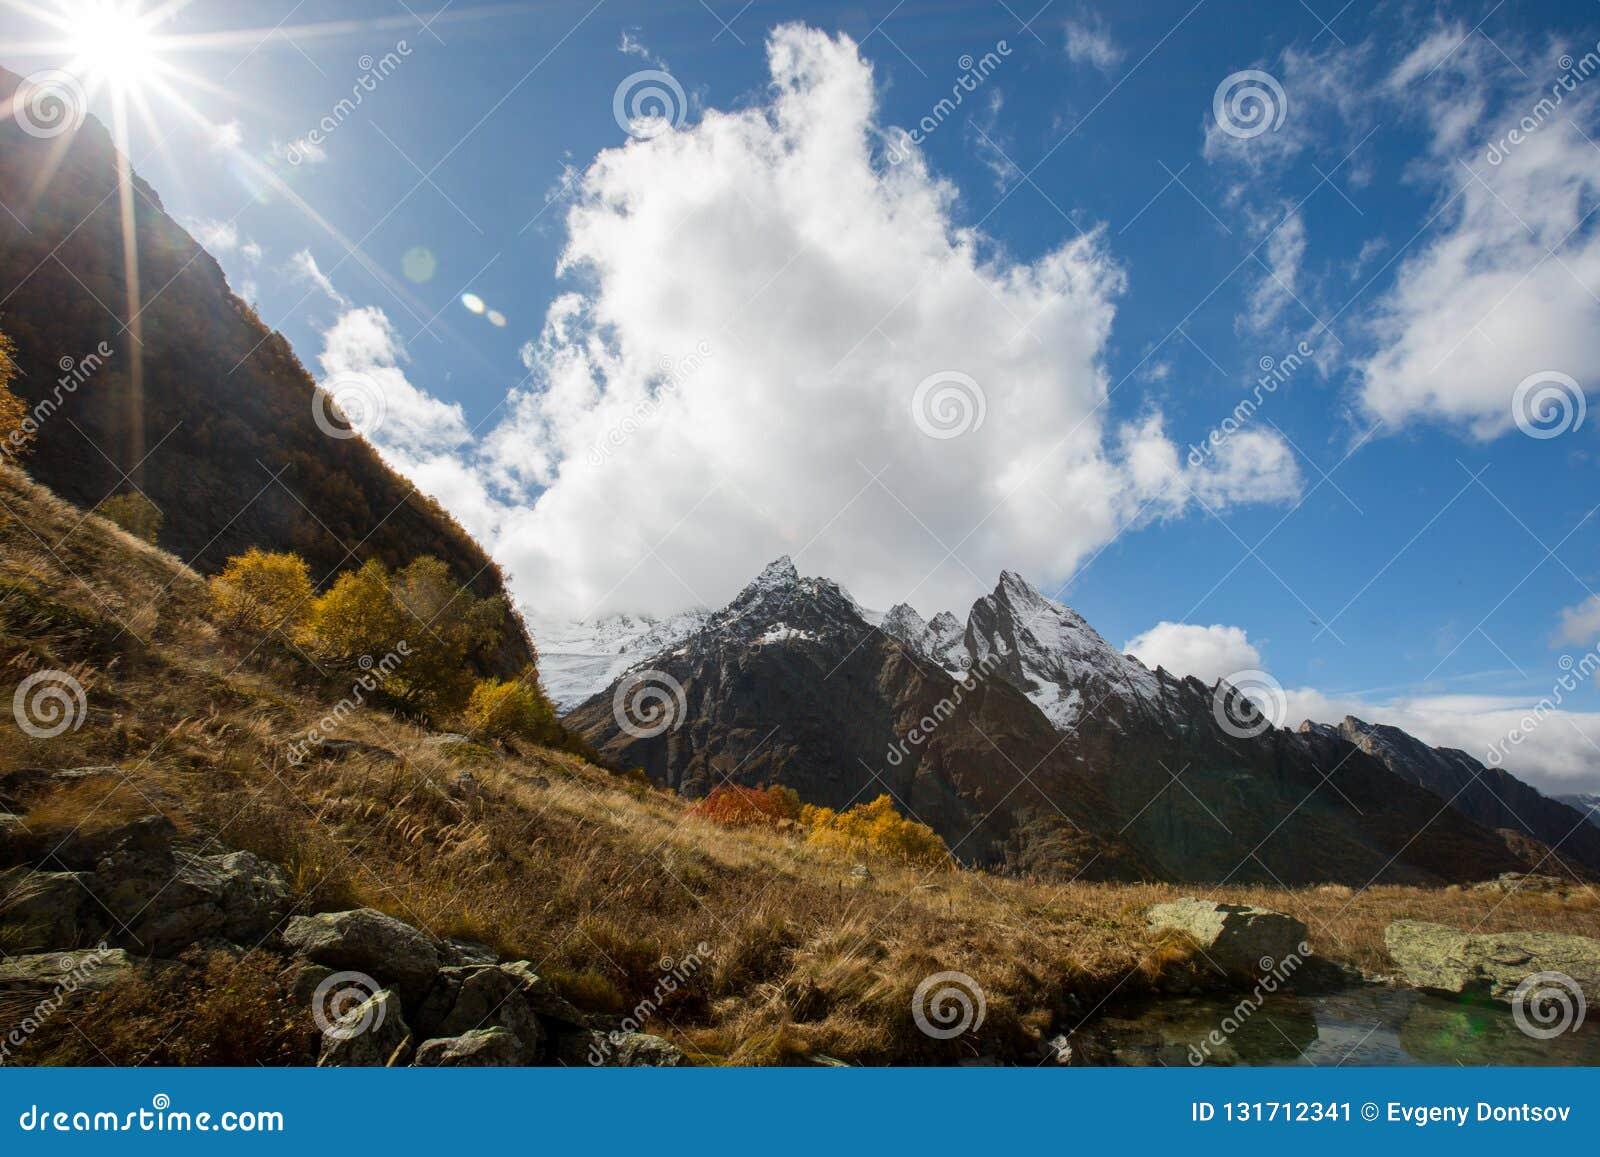 Vista del pico de Ine y de la montaña de Dzhuguturluchat en el otoño